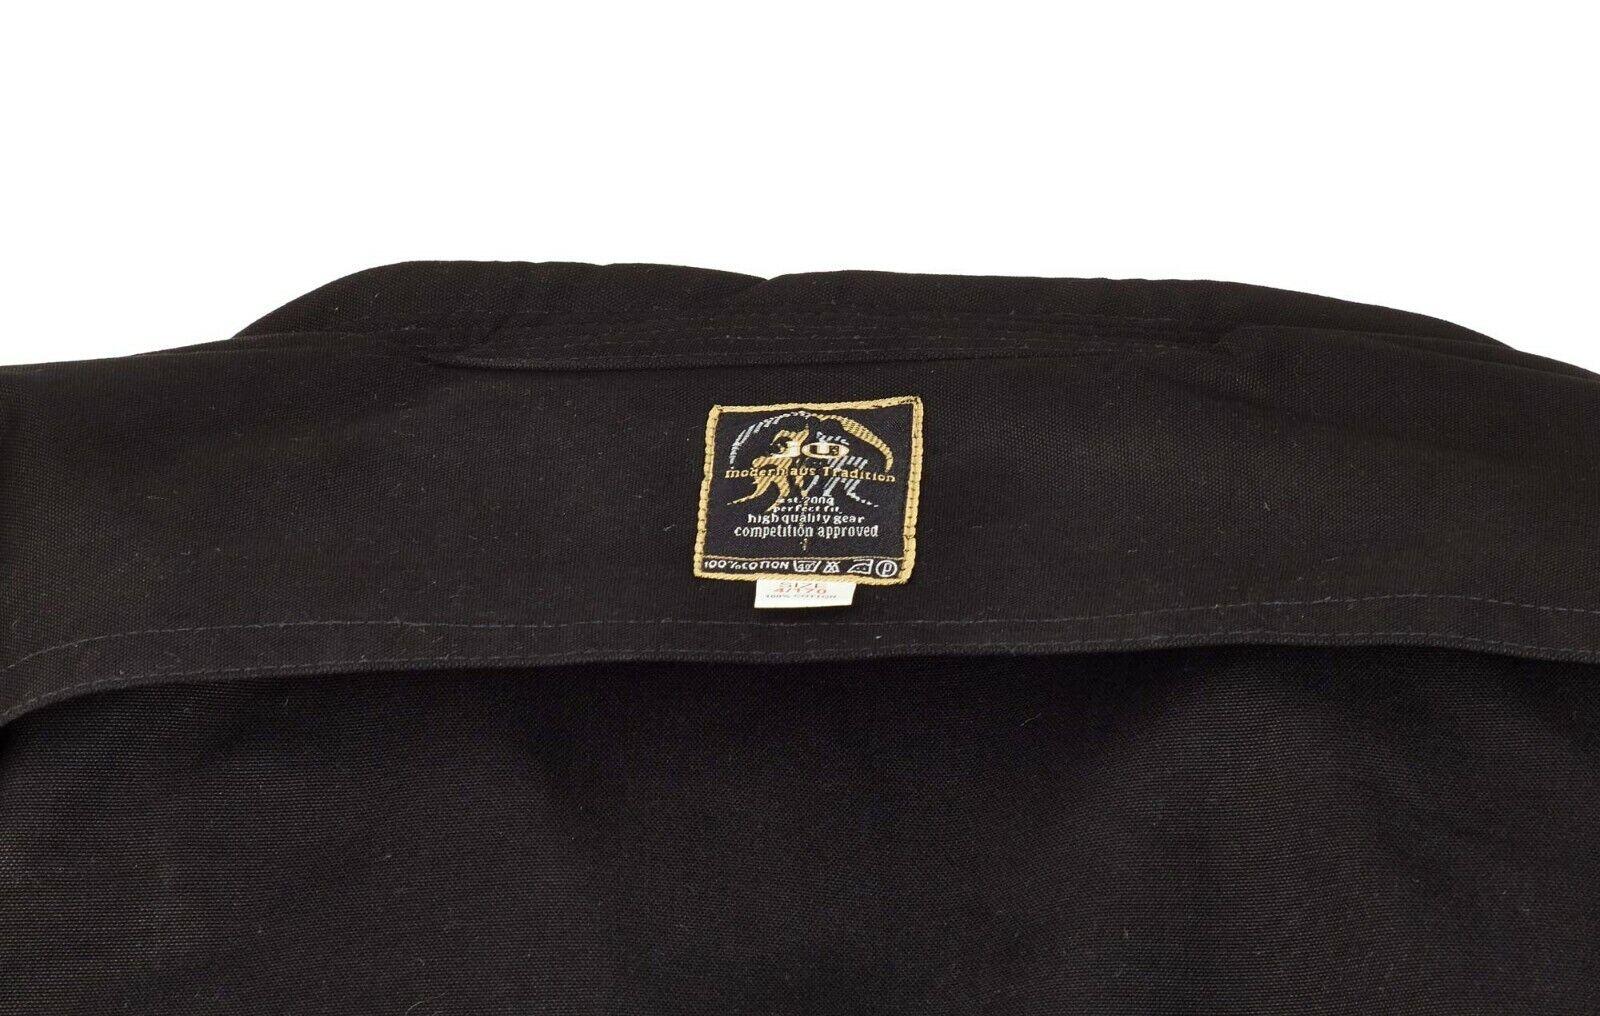 Ju-Jutsu Anzug  Tenno Classic Classic Classic  schwarz - Ju-Jutsu Gi - JiuJitsu -  Jiu-Jitsu b43255